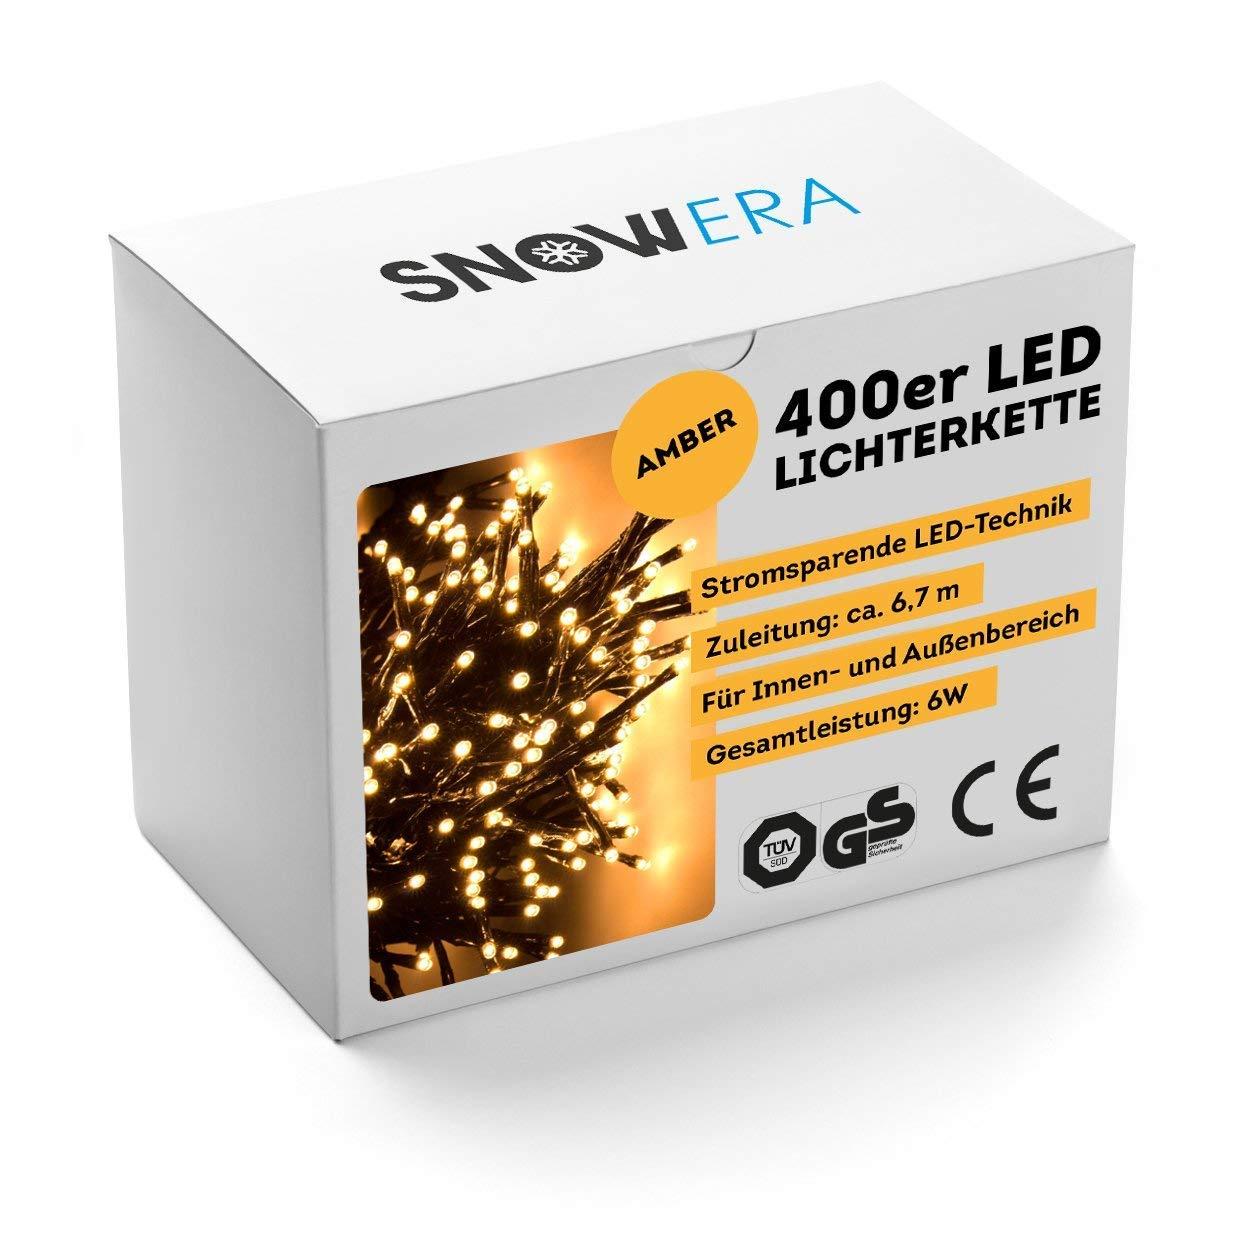 SnowEra 600 Luci LED Catena Luminosa / Luci Natalizie per Interni ed Esterni con Timer Commutabile - Per l' Albero di Natale - Colore Bianco Caldo - Lunghezza: ca. 70 m incl. Cavo SN-7333